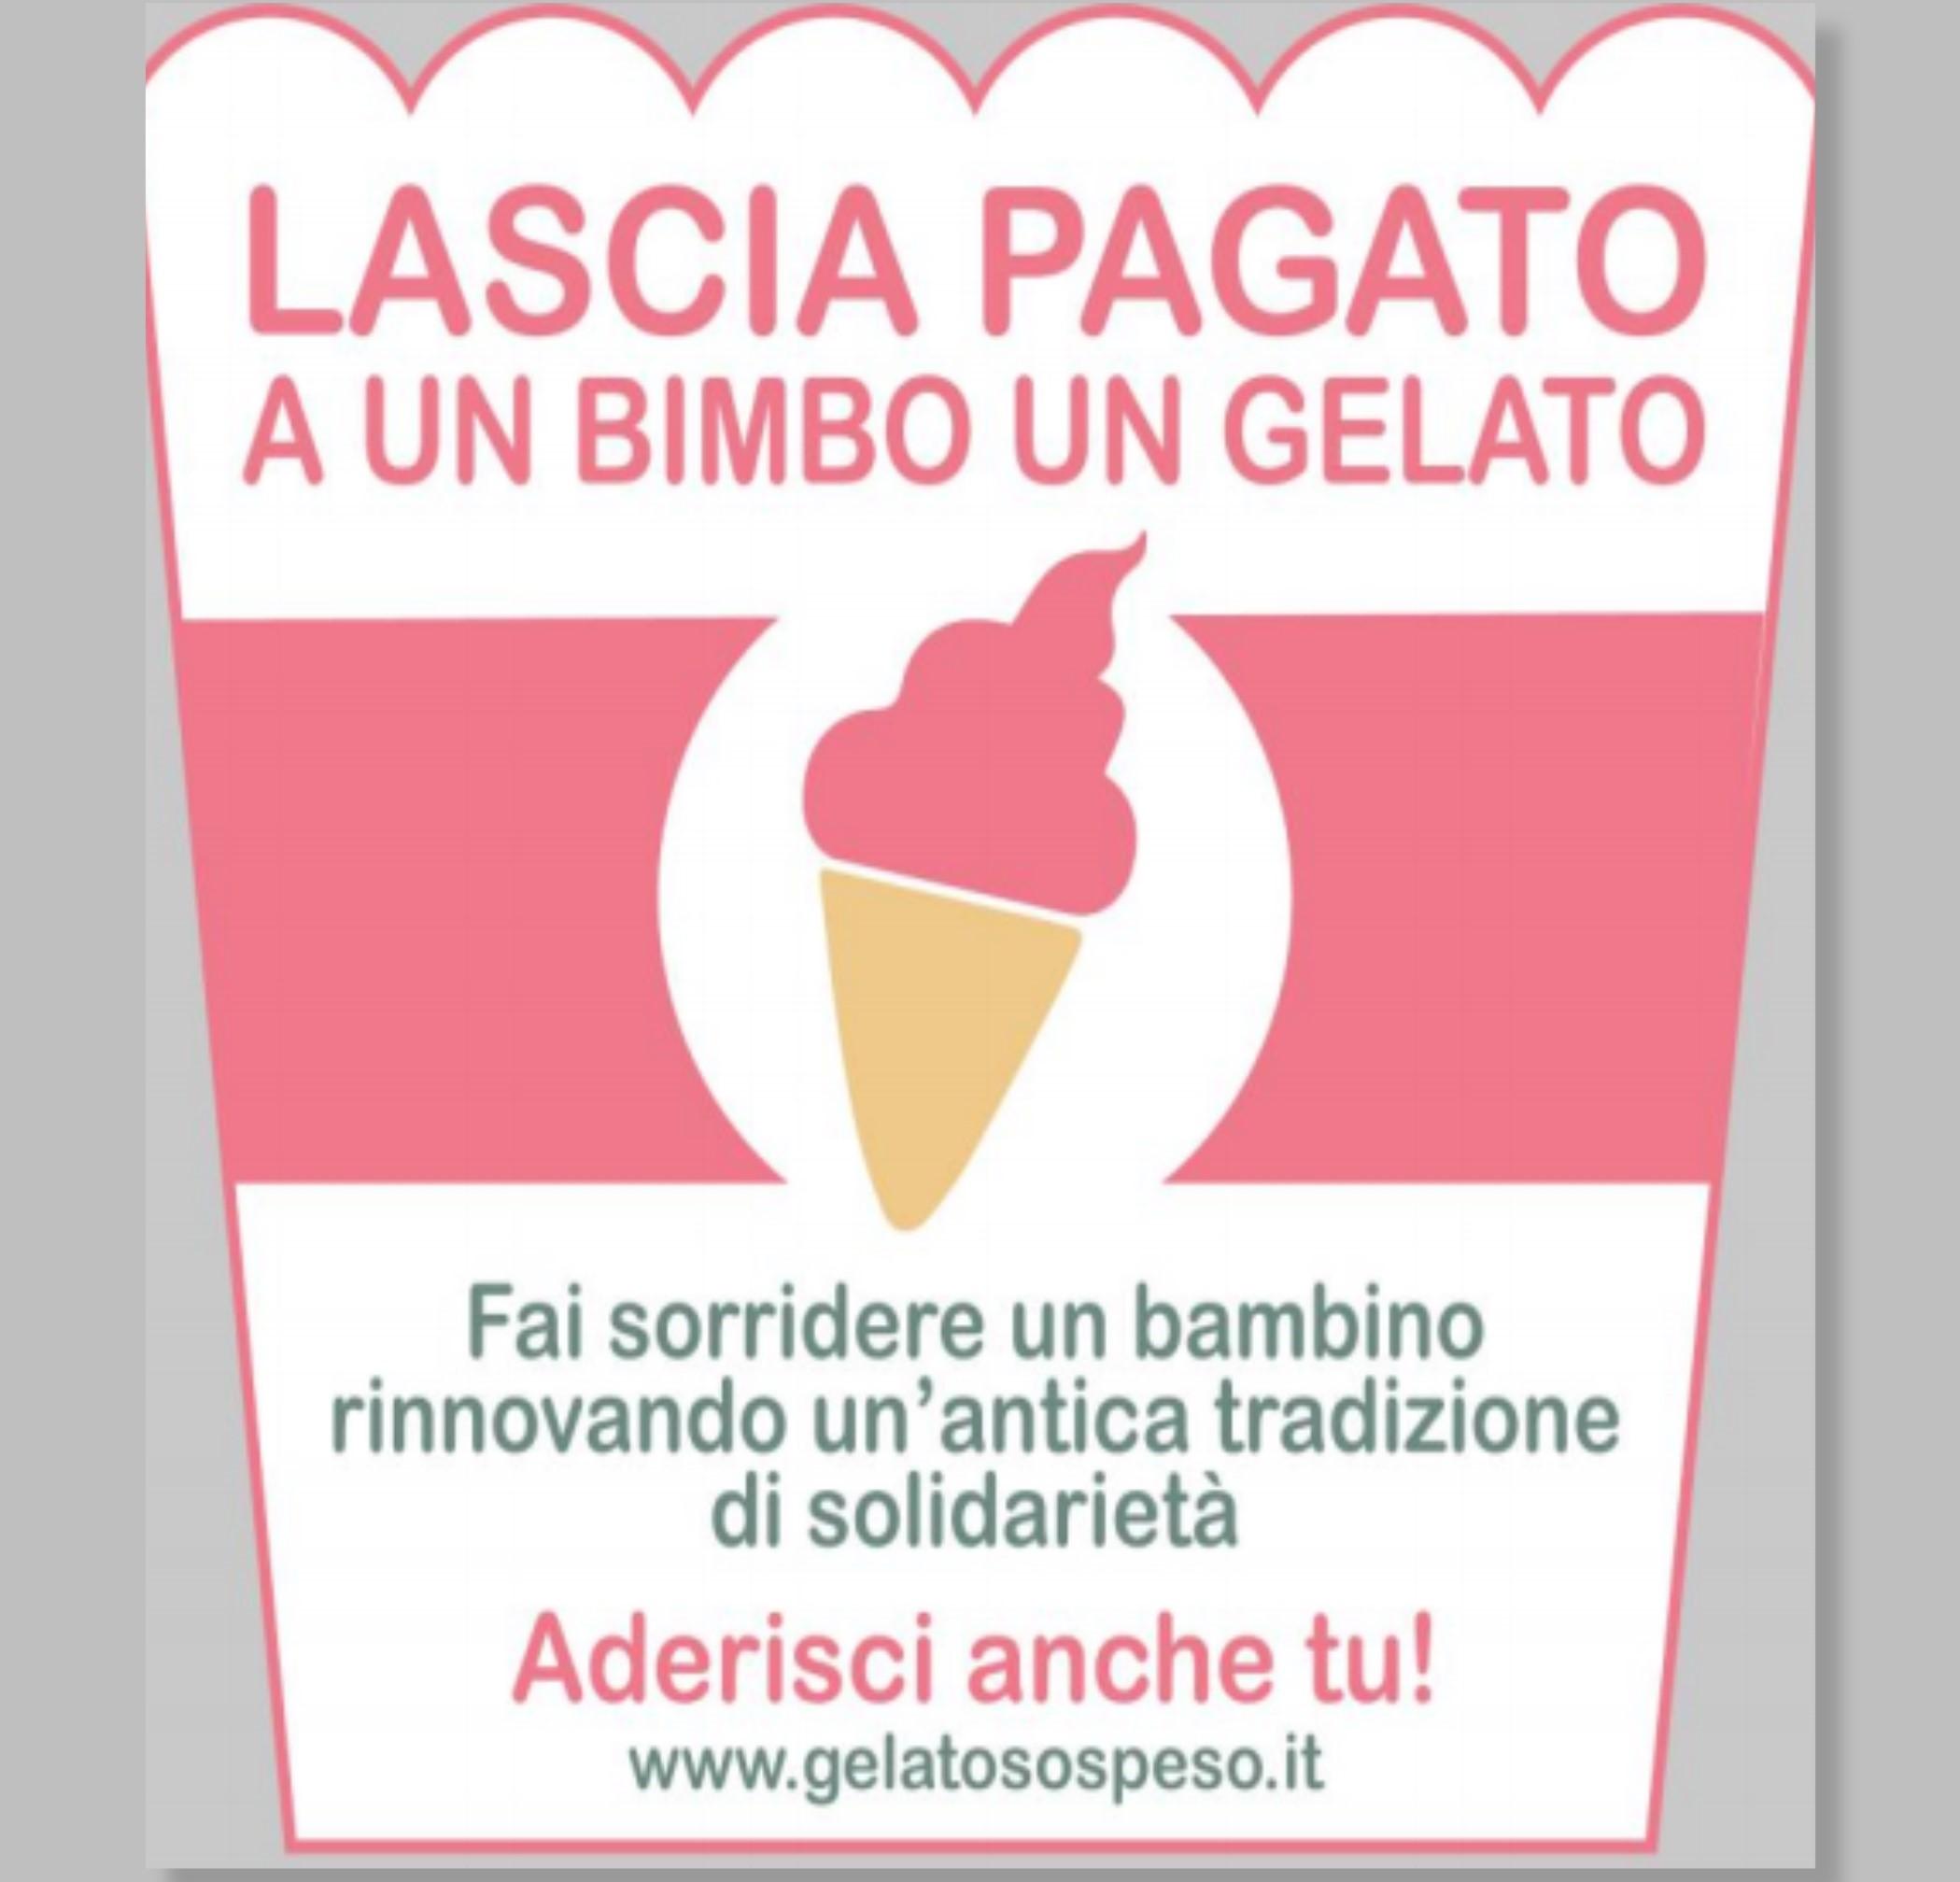 Gelato Sospeso: l'iniziativa che dona un sorriso ai bambini con la dolcezza di un gelato